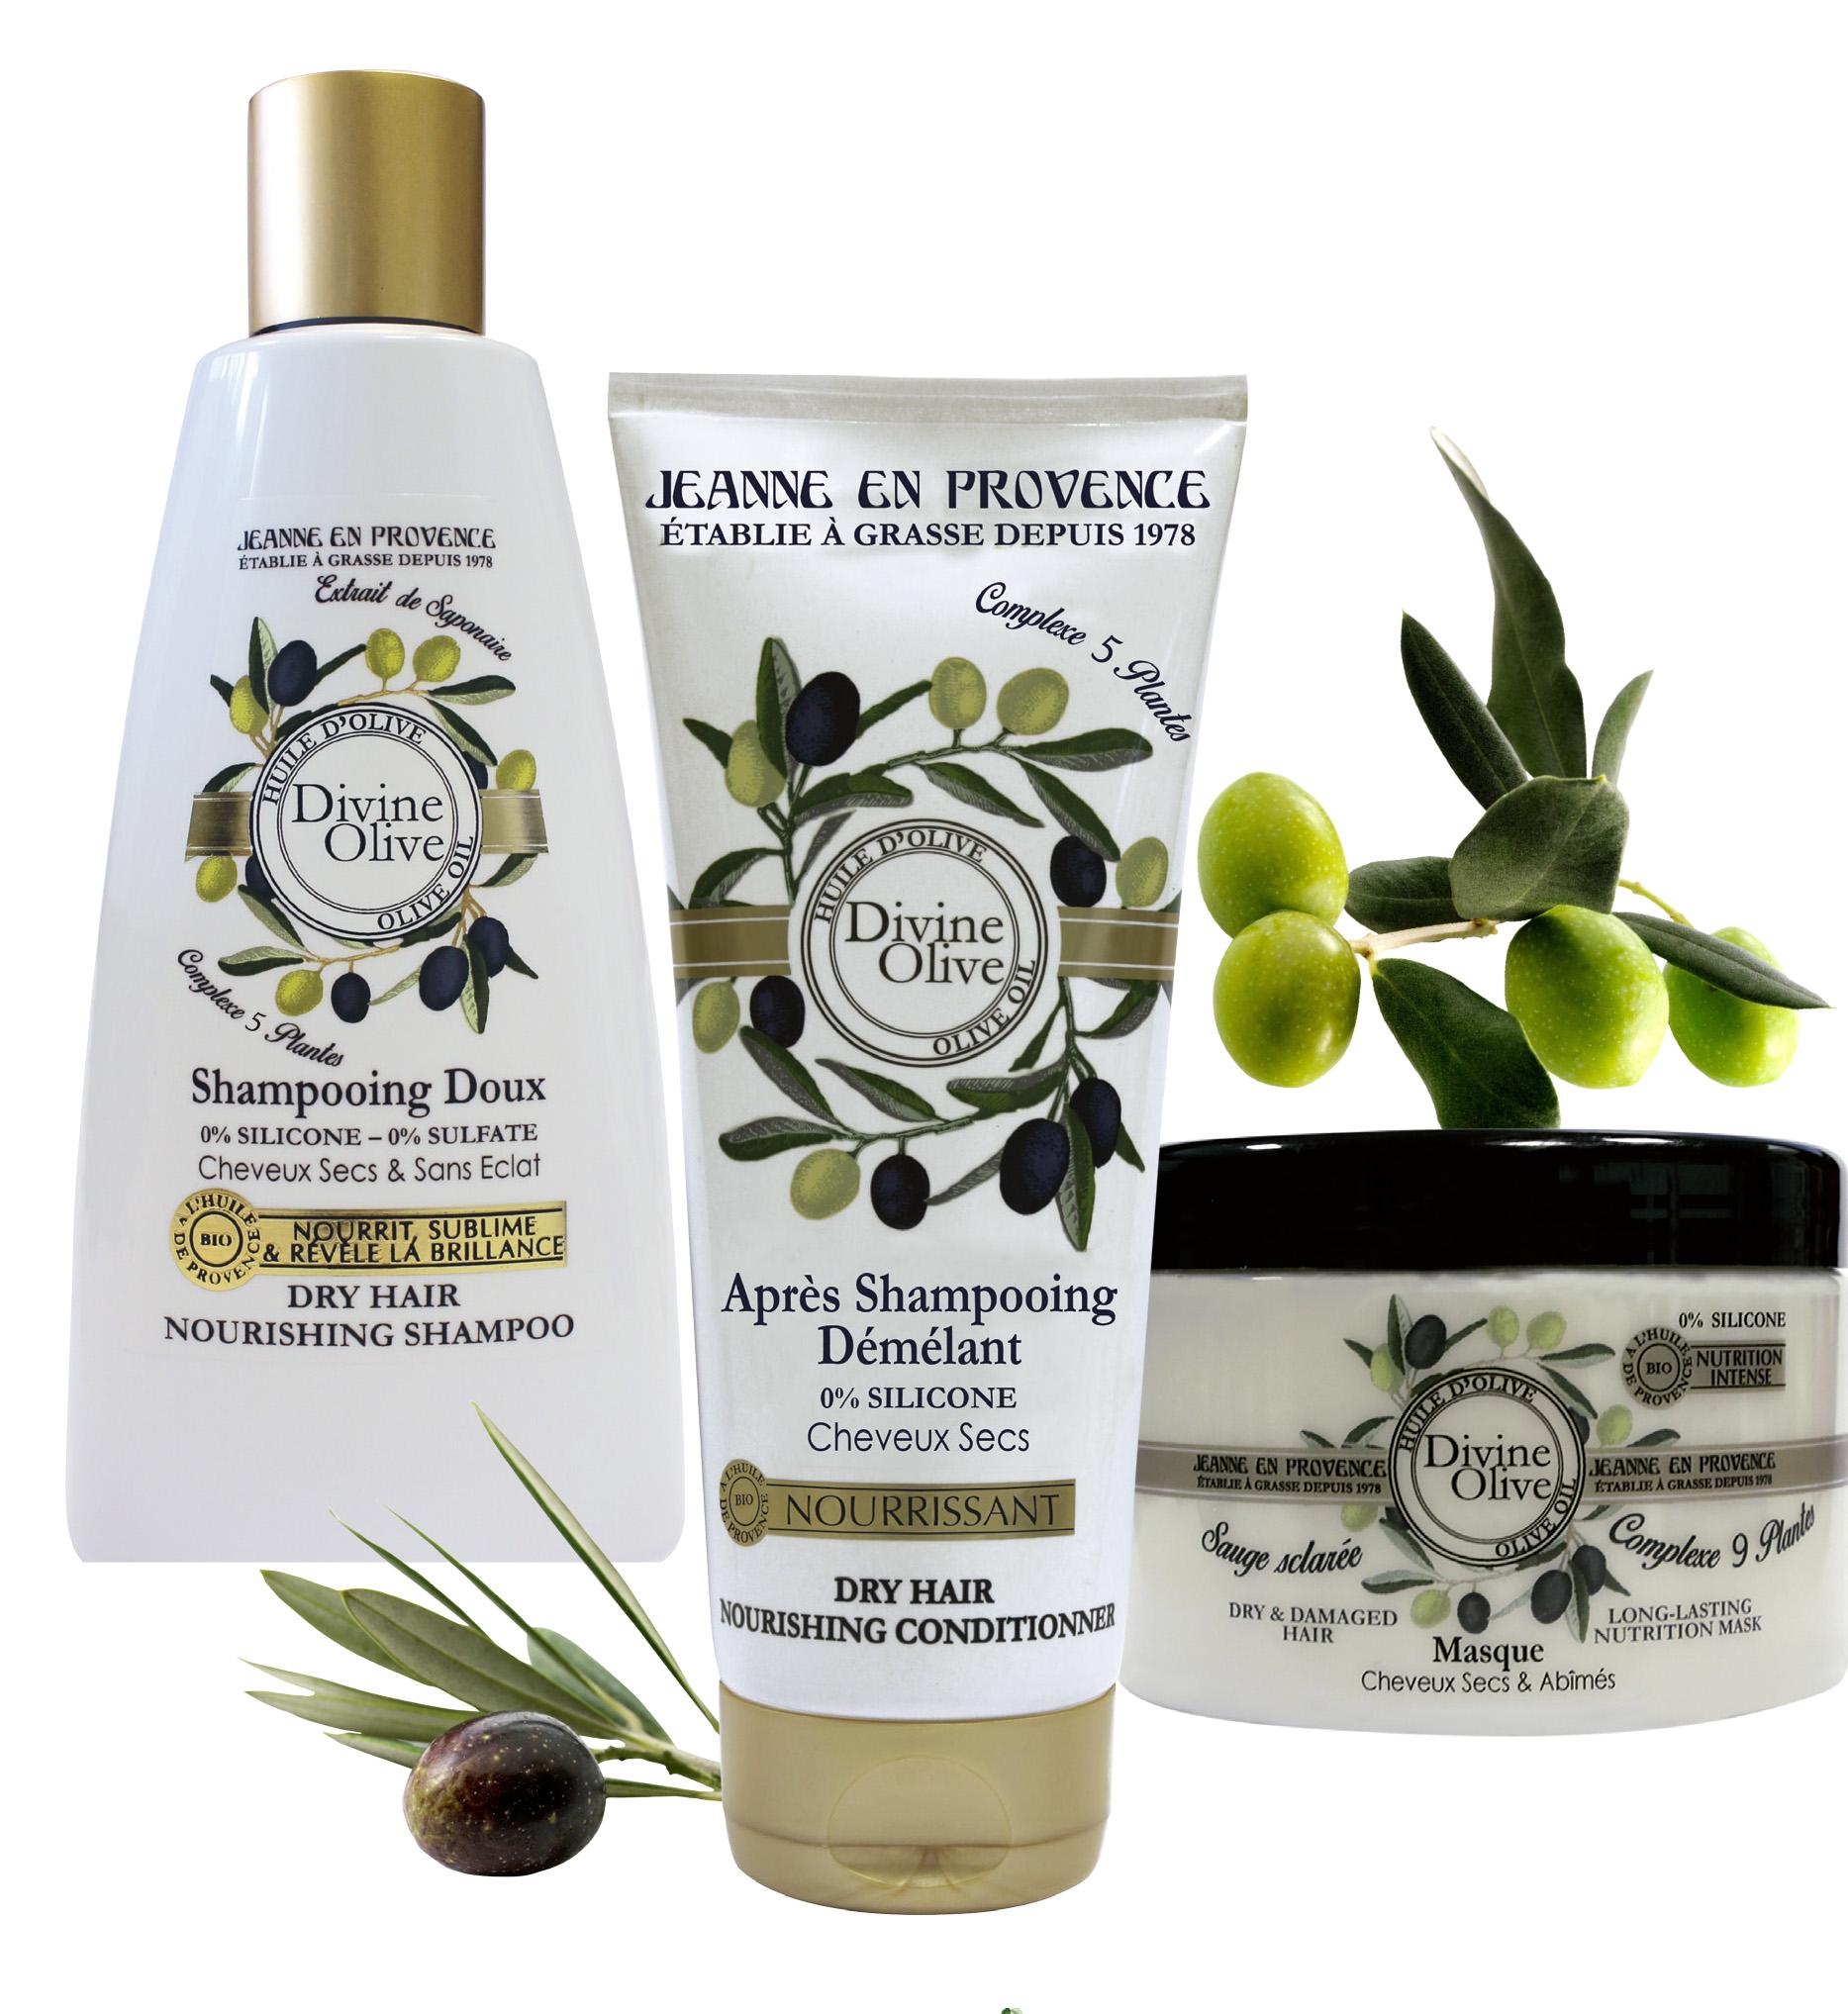 Jeanne en Provence presenta Divine Olive para el cuidado del cabello